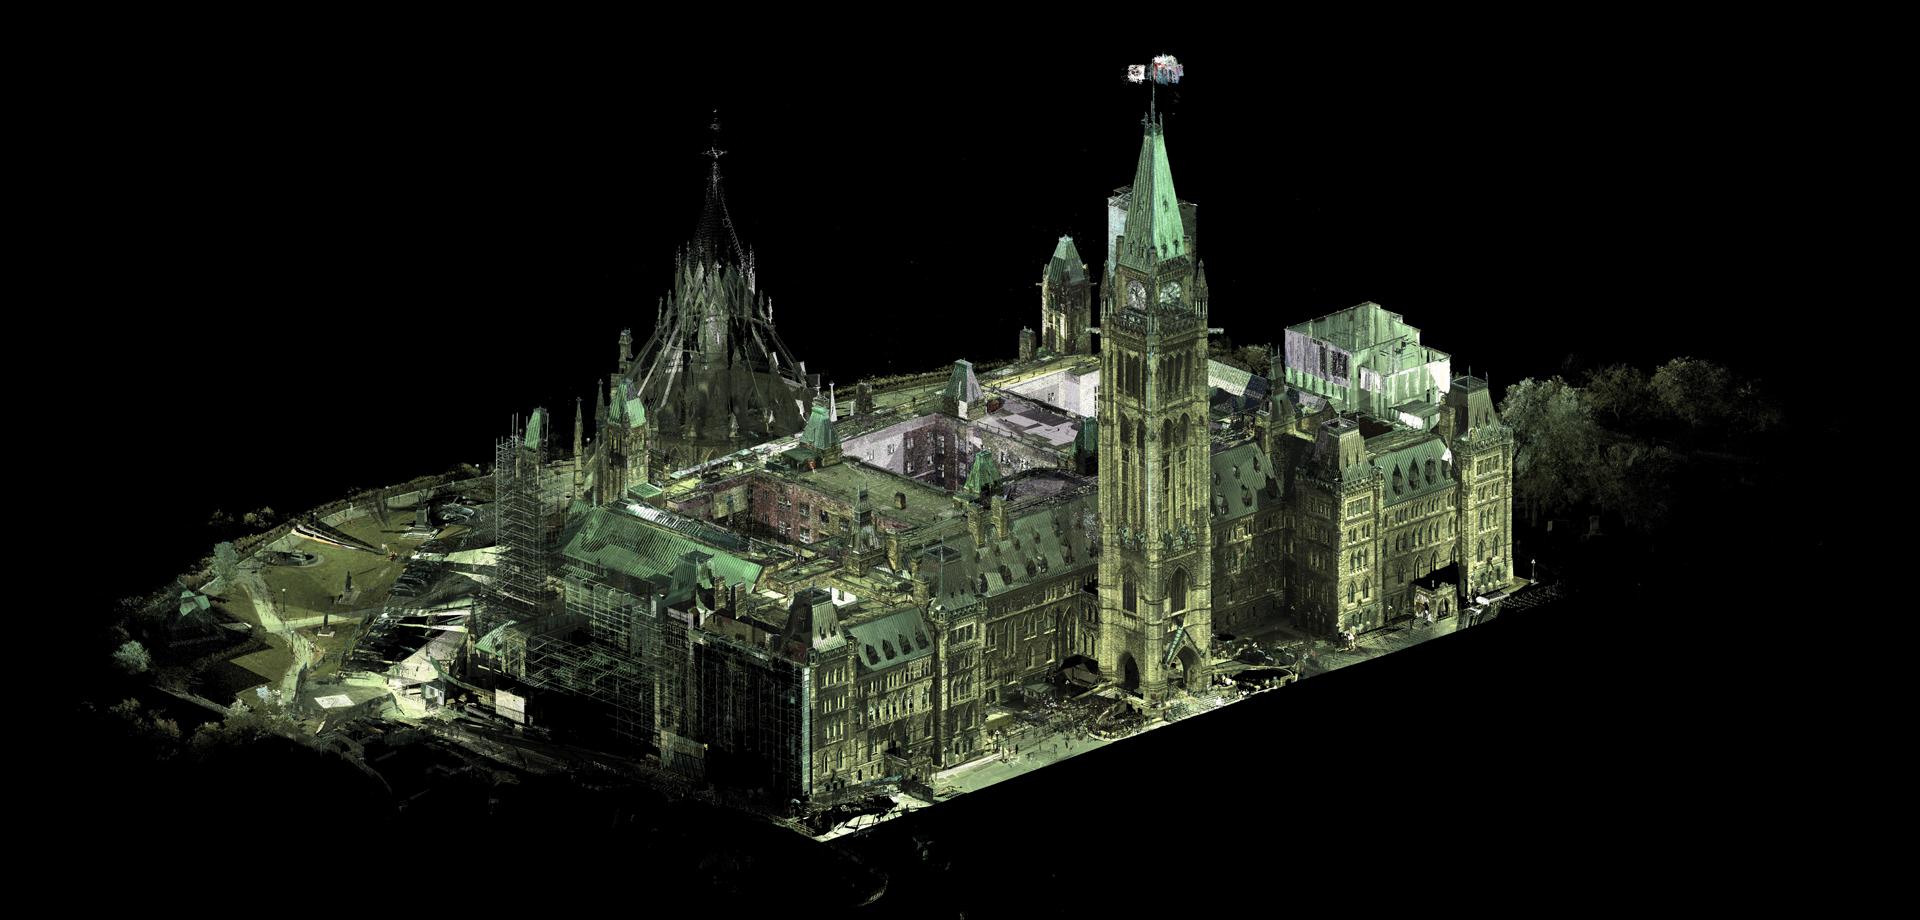 3D digital model of parliament hill